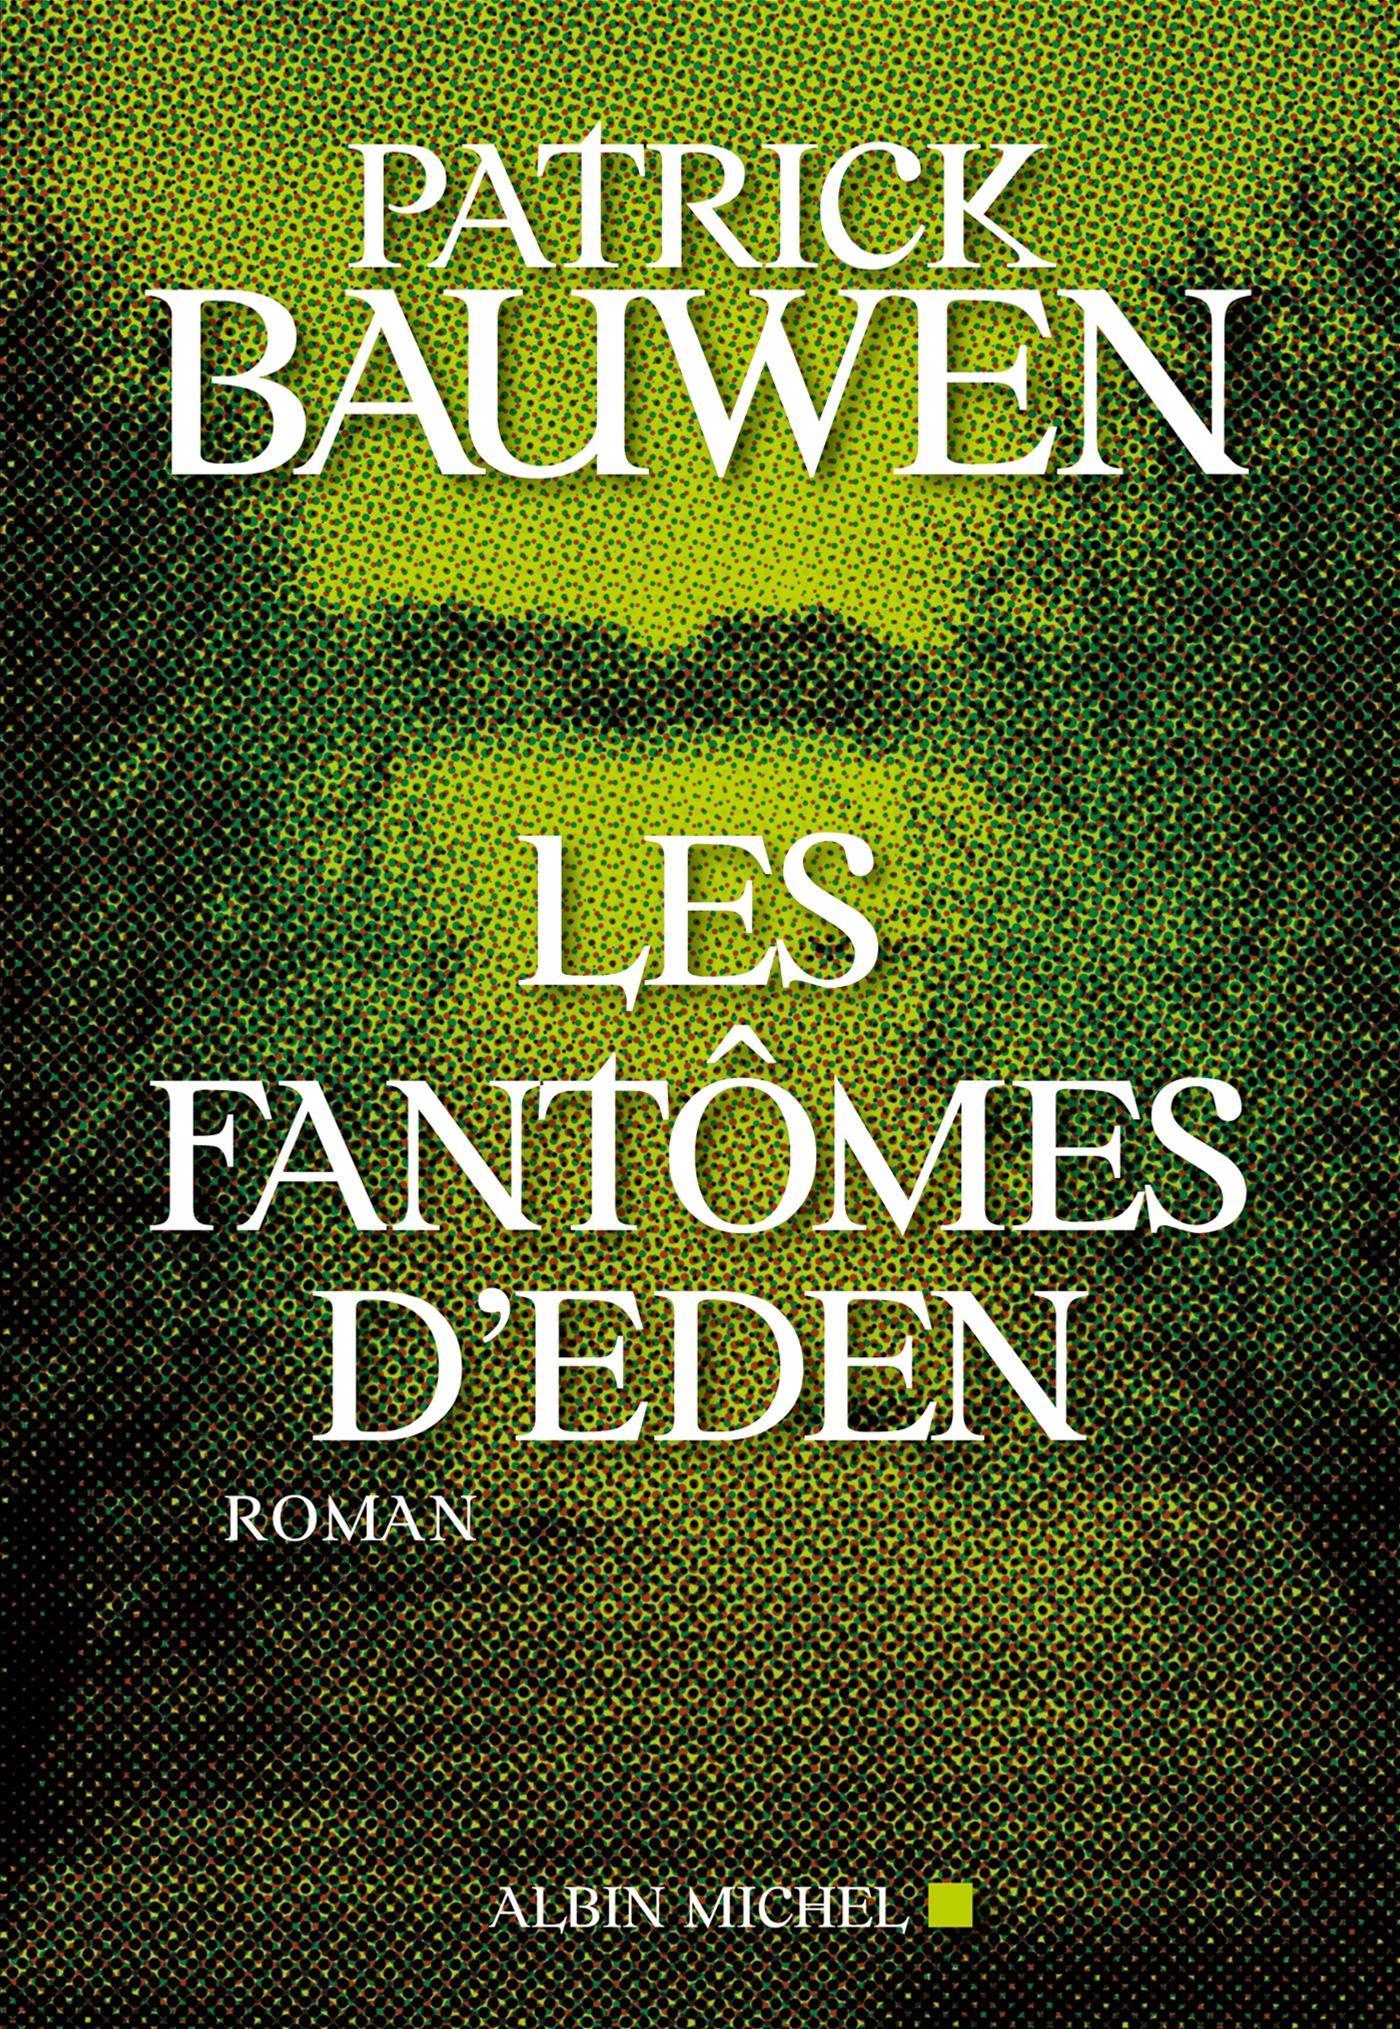 Le Les Fantômes d'Eden